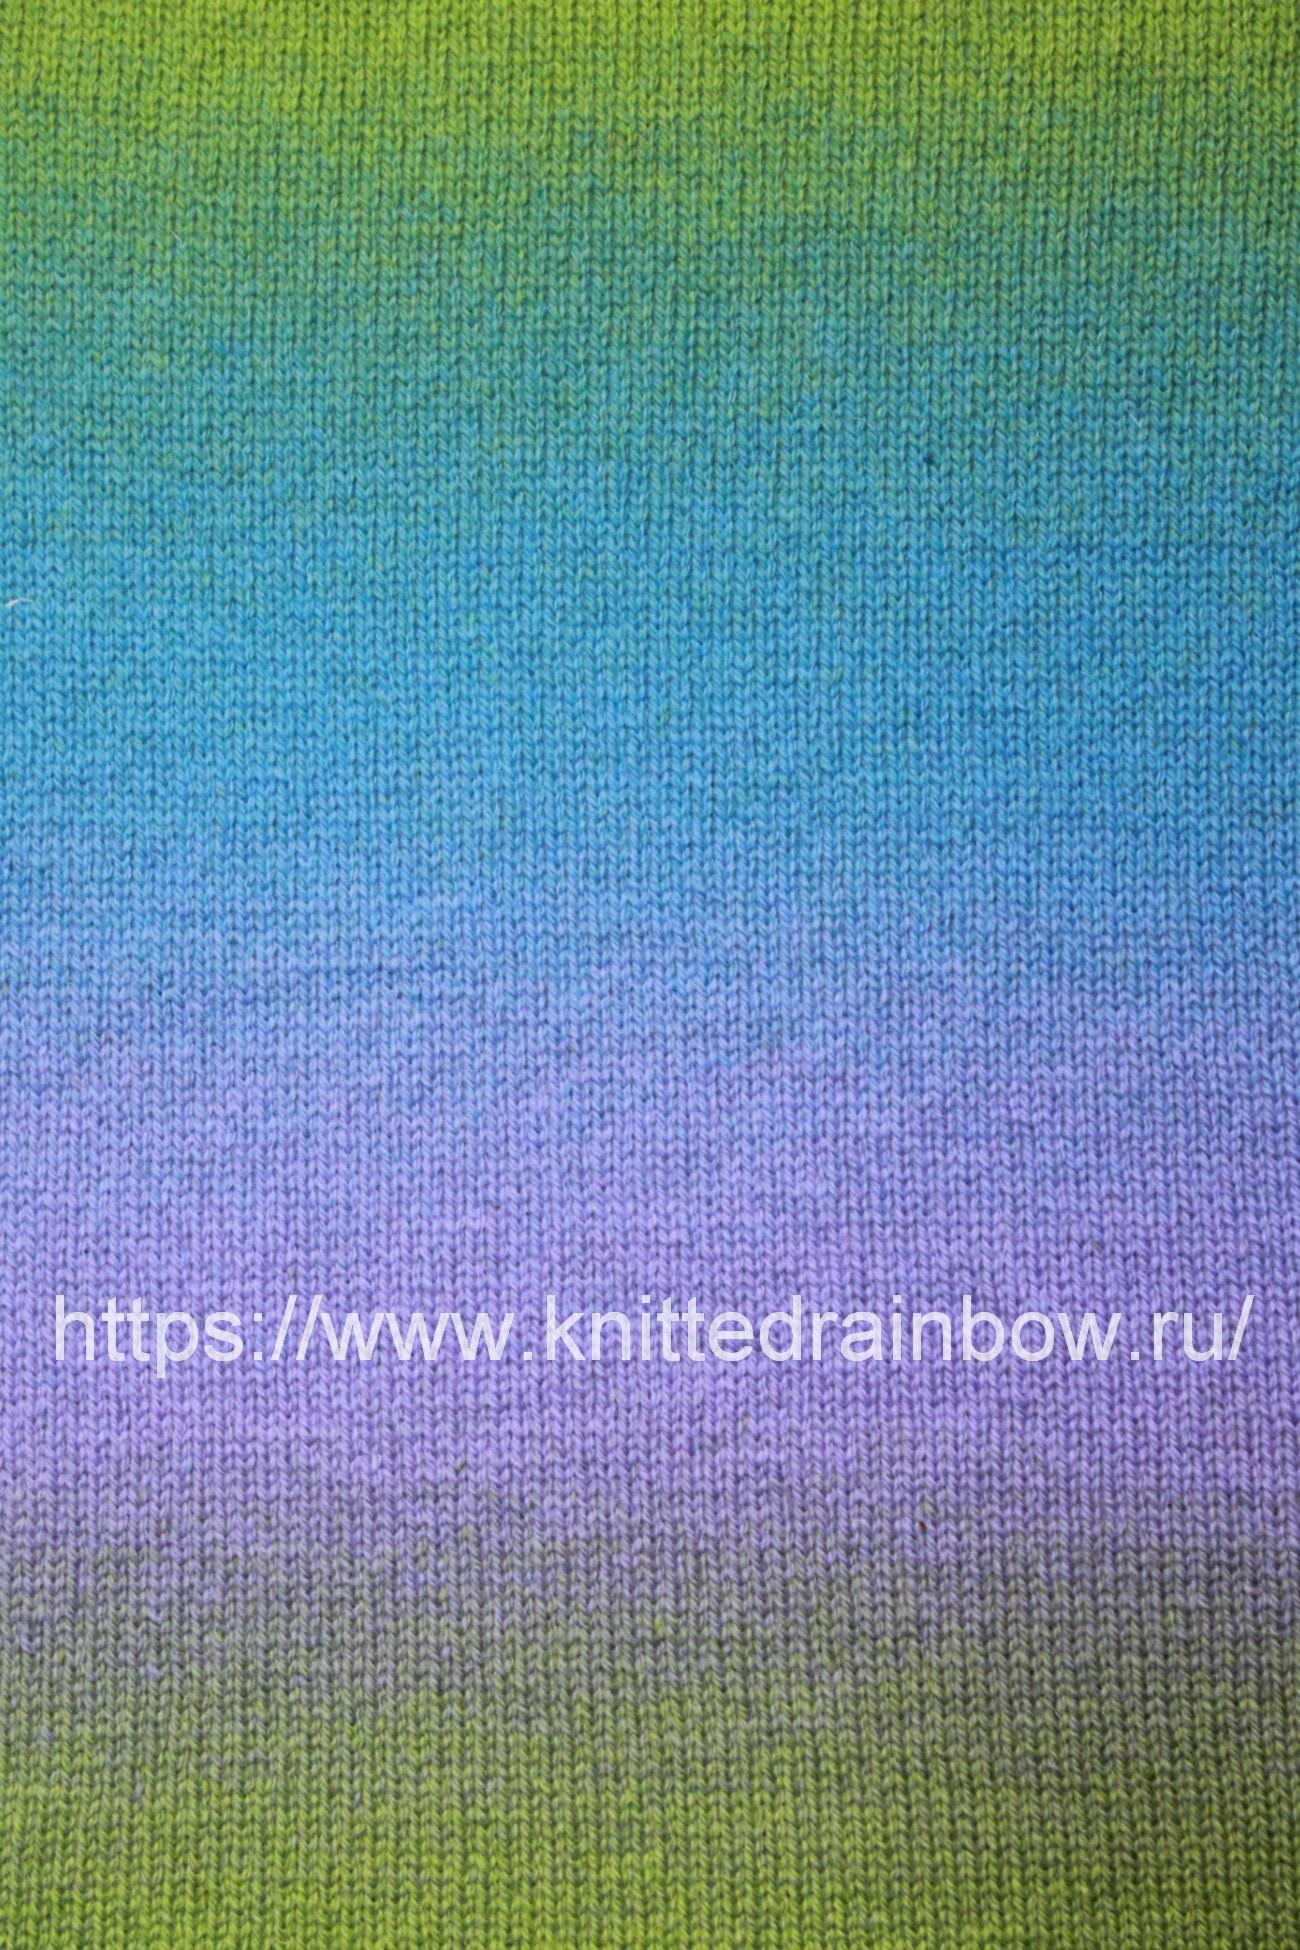 Водн знак сайт Lilac в полотне